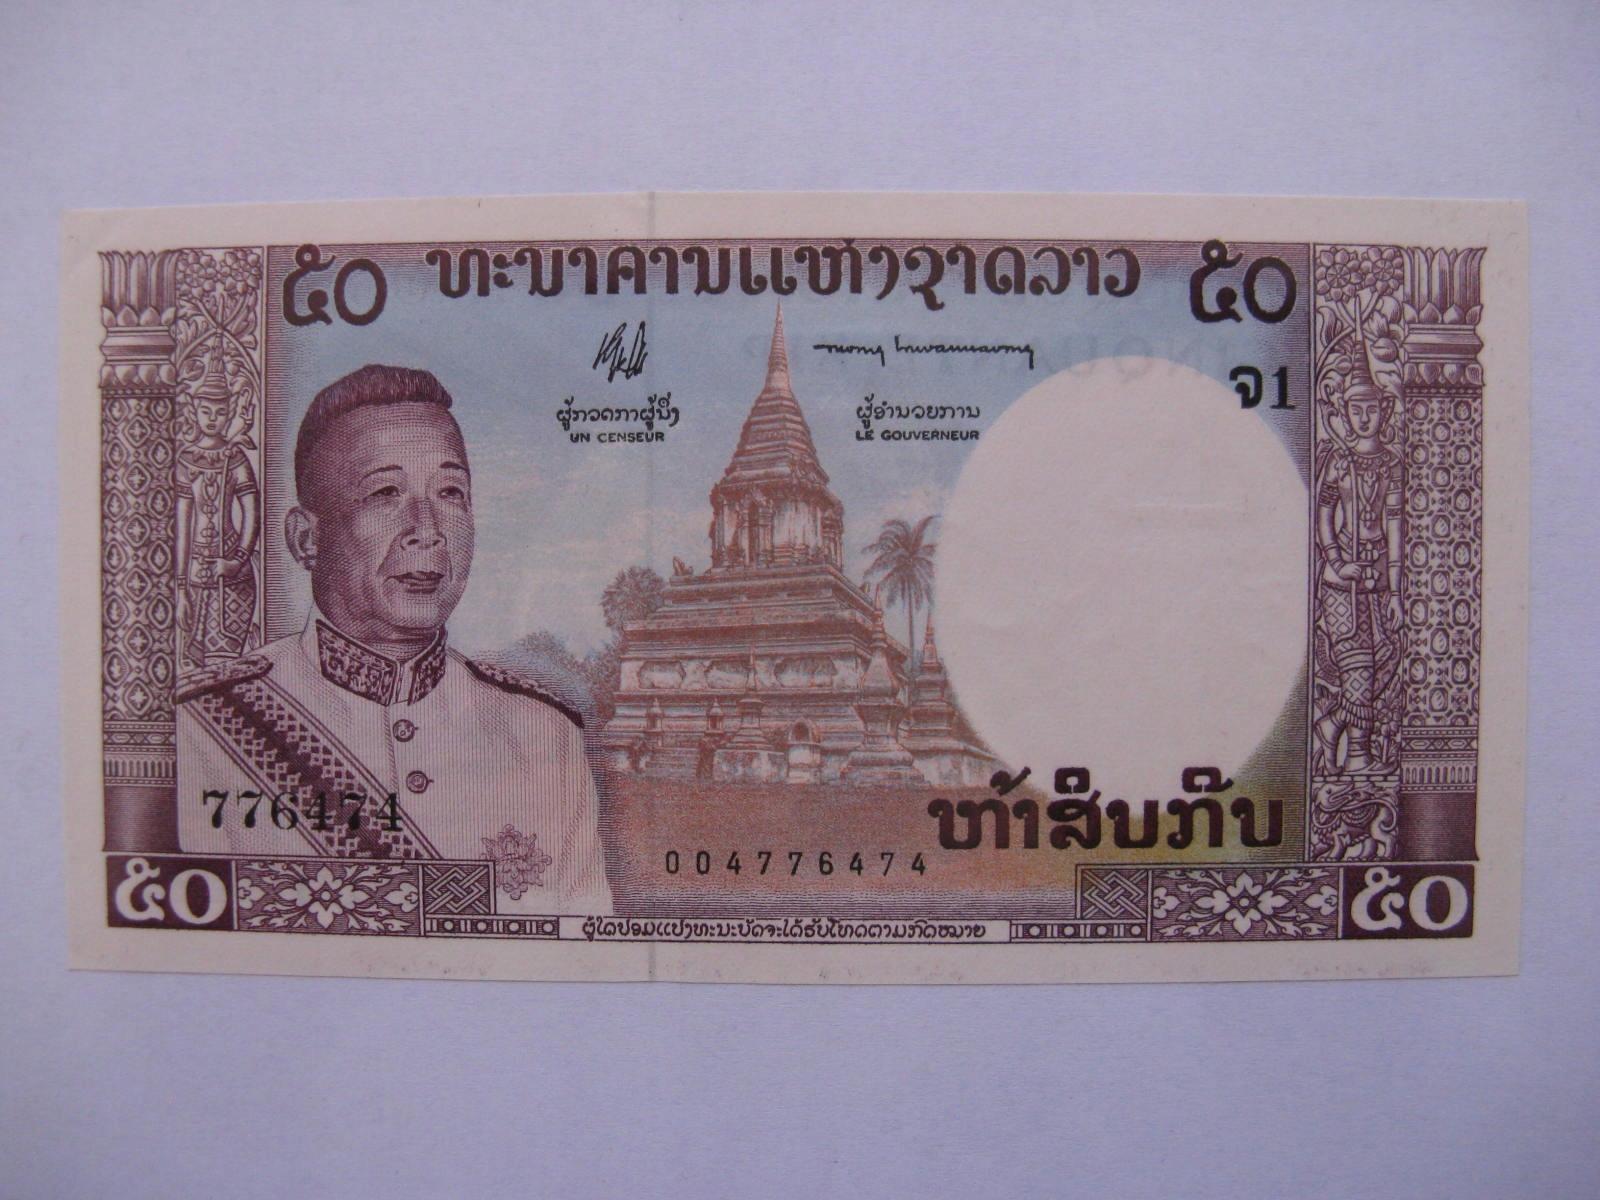 Лаос - 50 кип - 1963 - P12a - St. 1